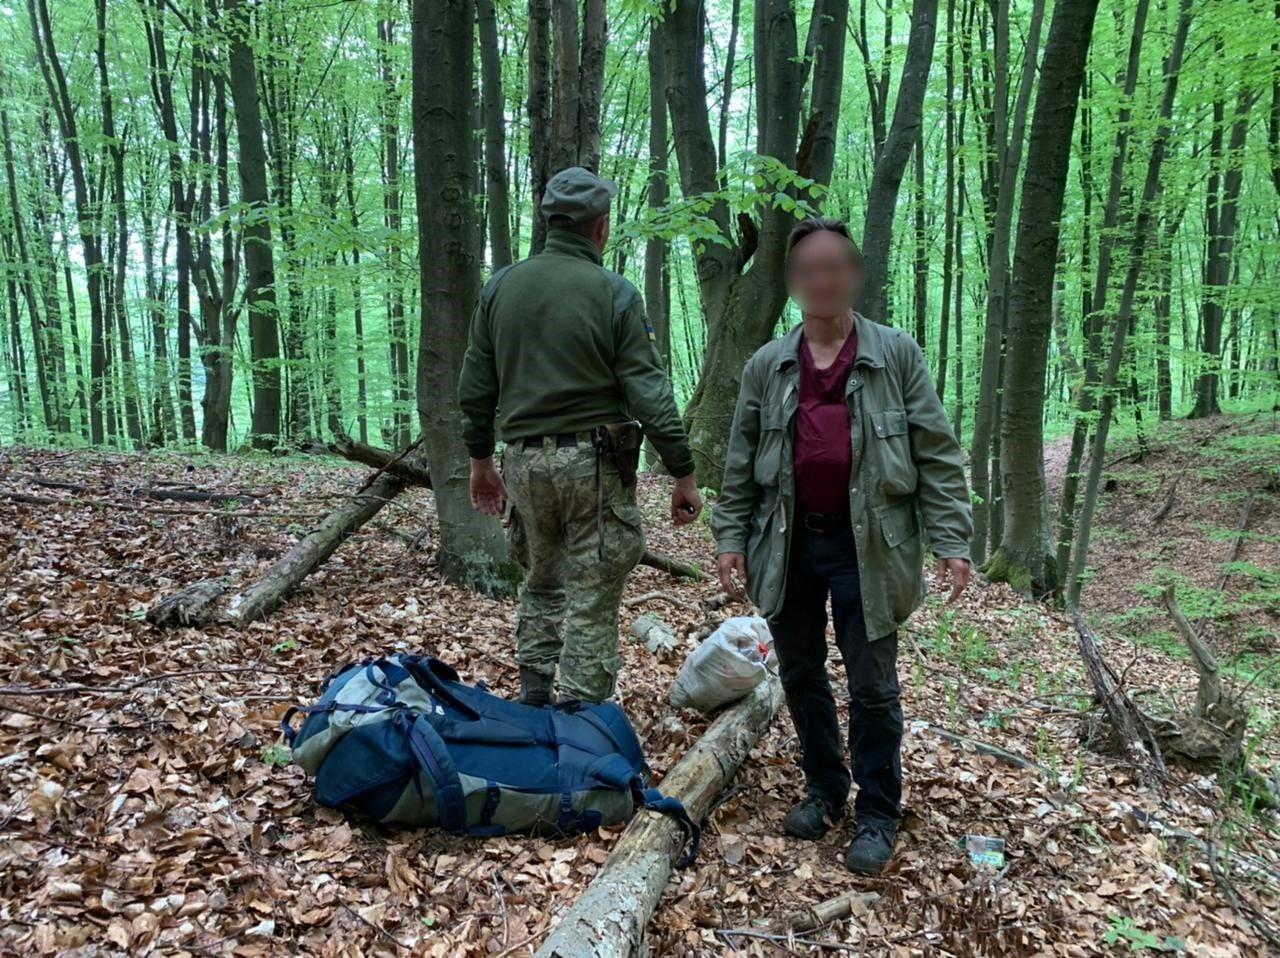 Поблизу кордону зі Словаччиною на Закарпатті затримали німця, який лісом пробирався в Україну